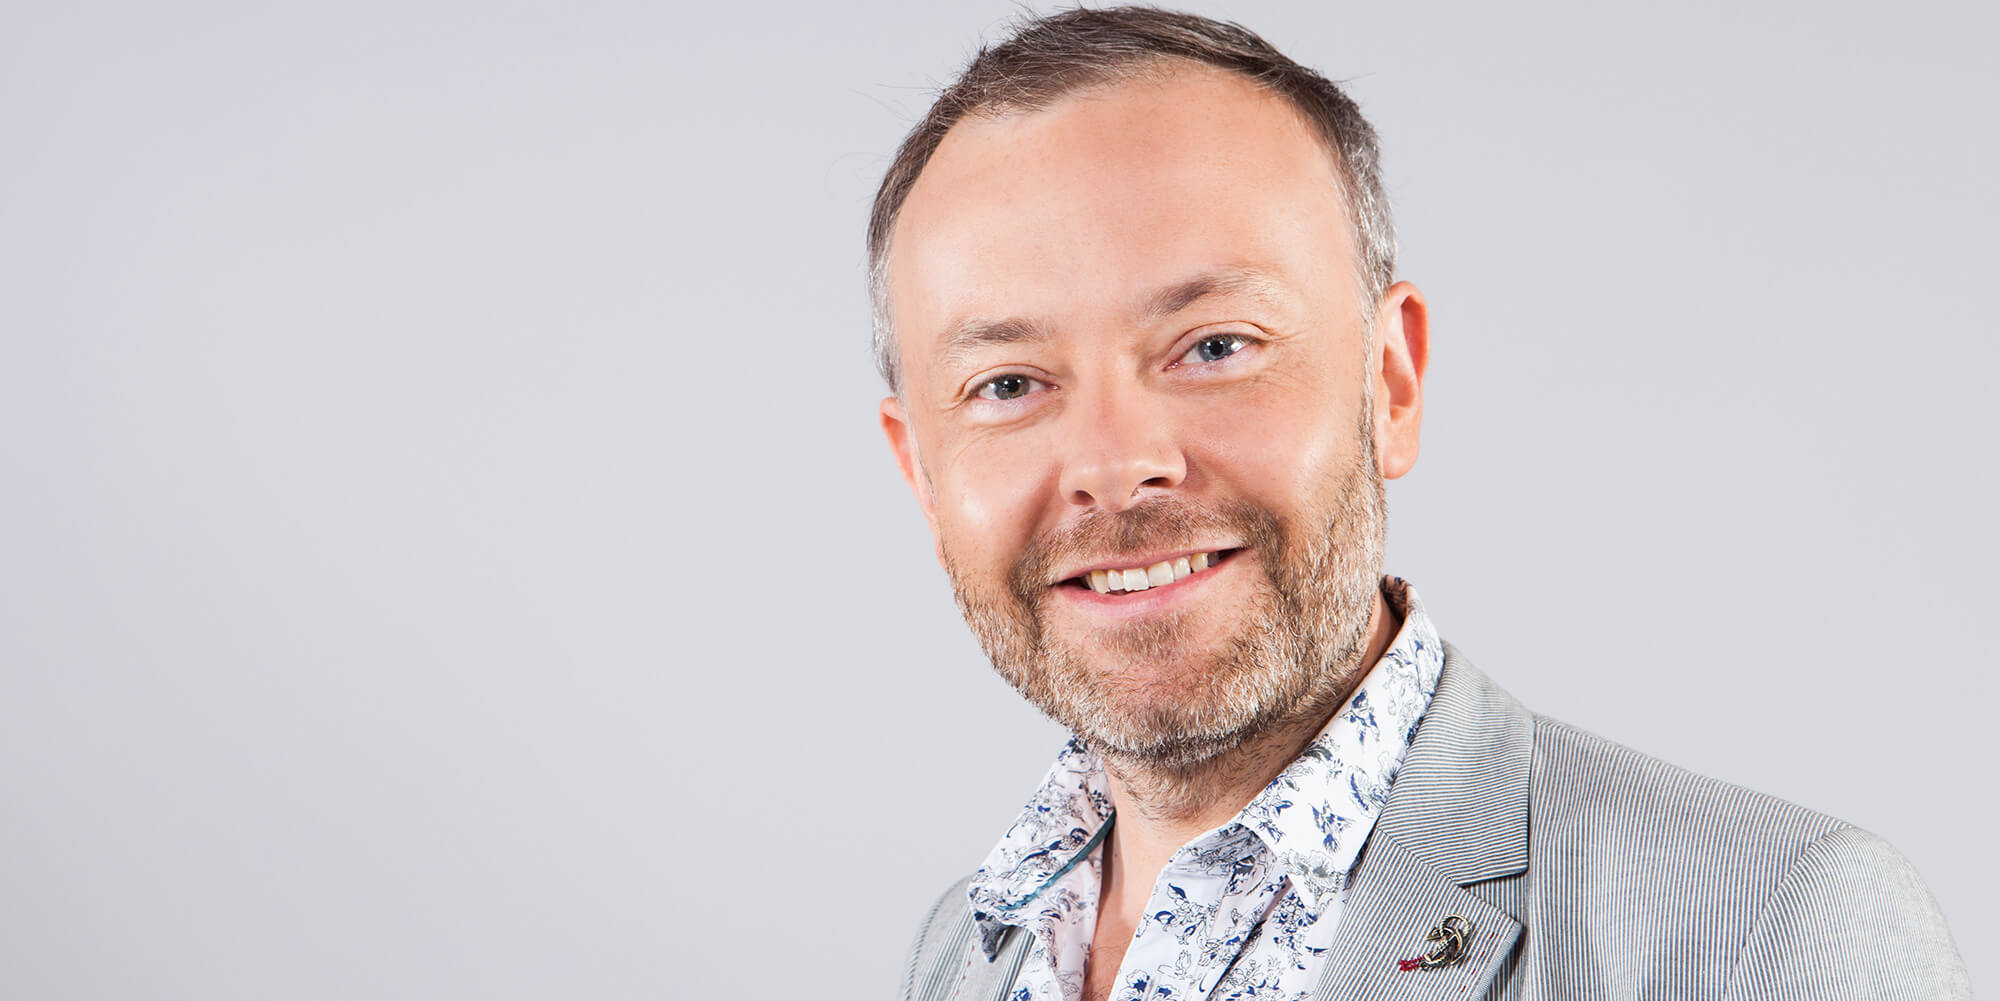 RTÉ Presenter Rick O'Shea